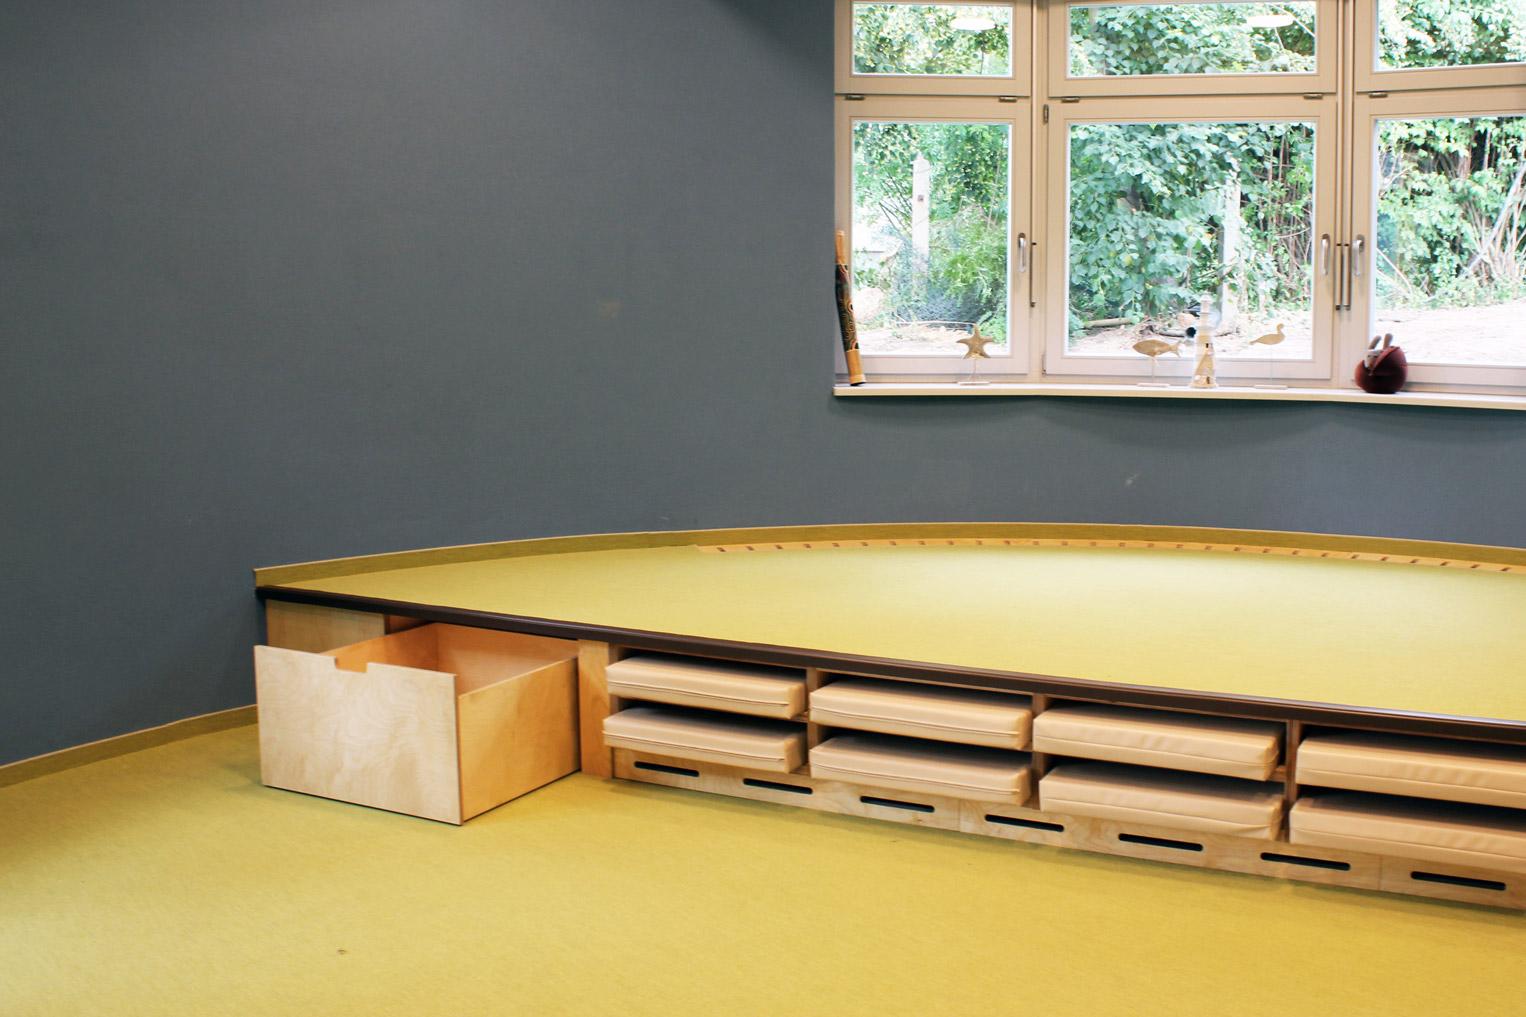 Foto Mehrzweckmöbel von der Möbeltischlerarbeit für Kindertagesstätte in Zwickau